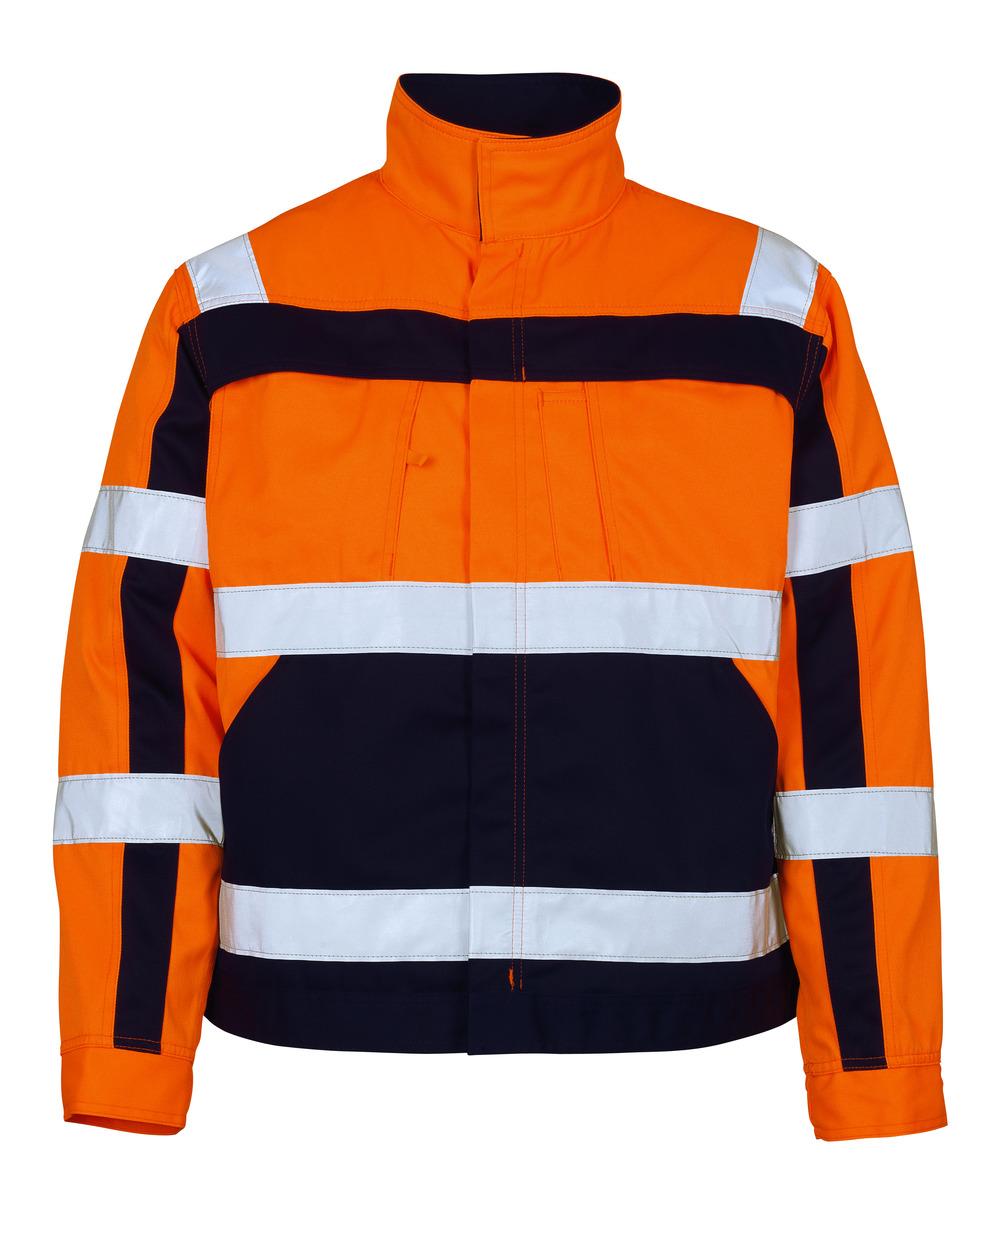 07109-860-141 Jacke - hi-vis Orange/Marine